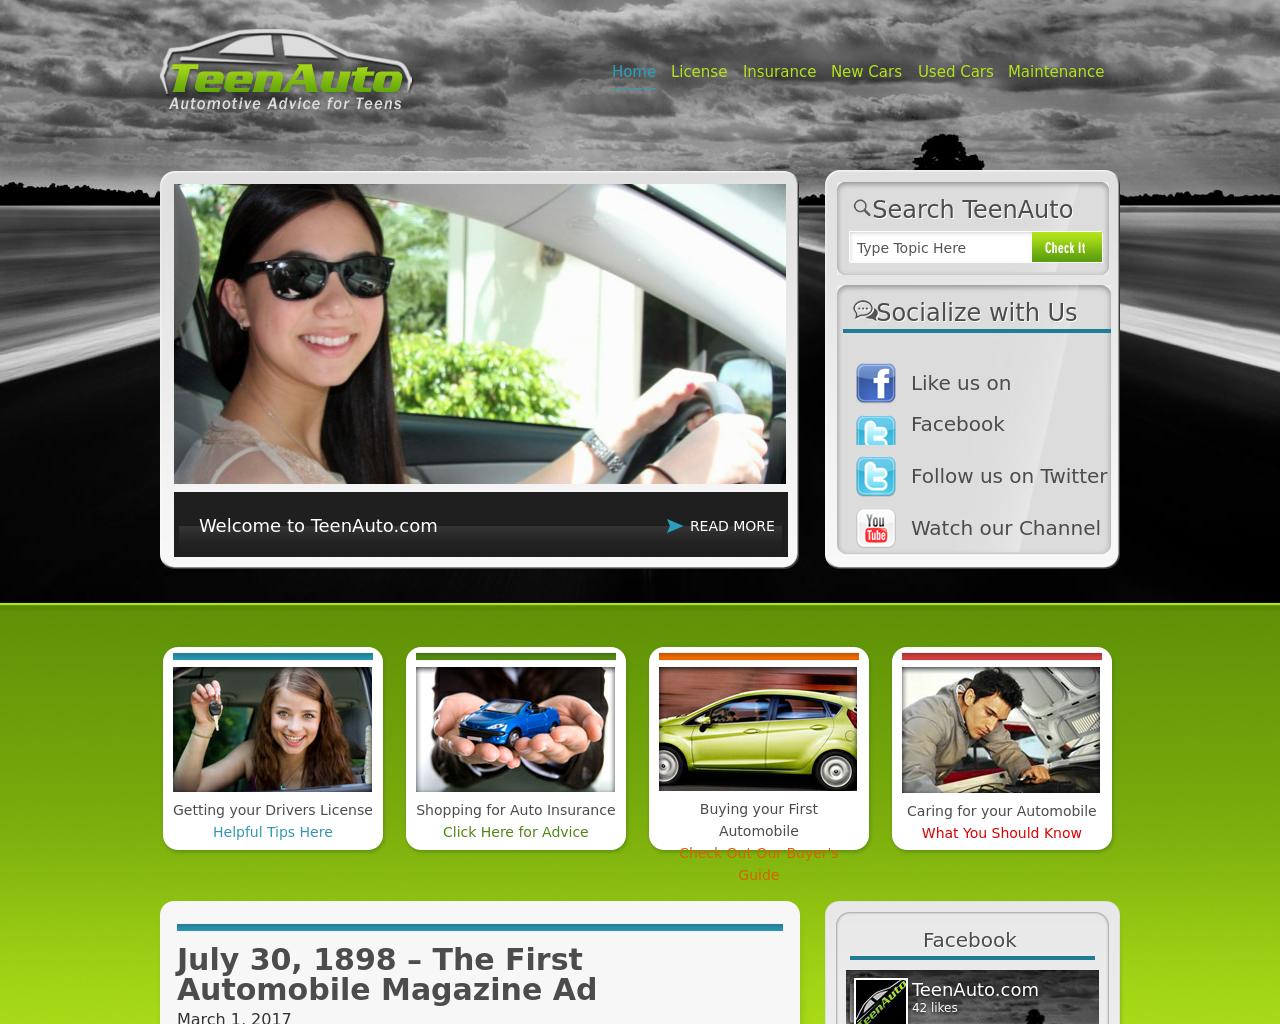 TeenAuto-Advertising-Reviews-Pricing